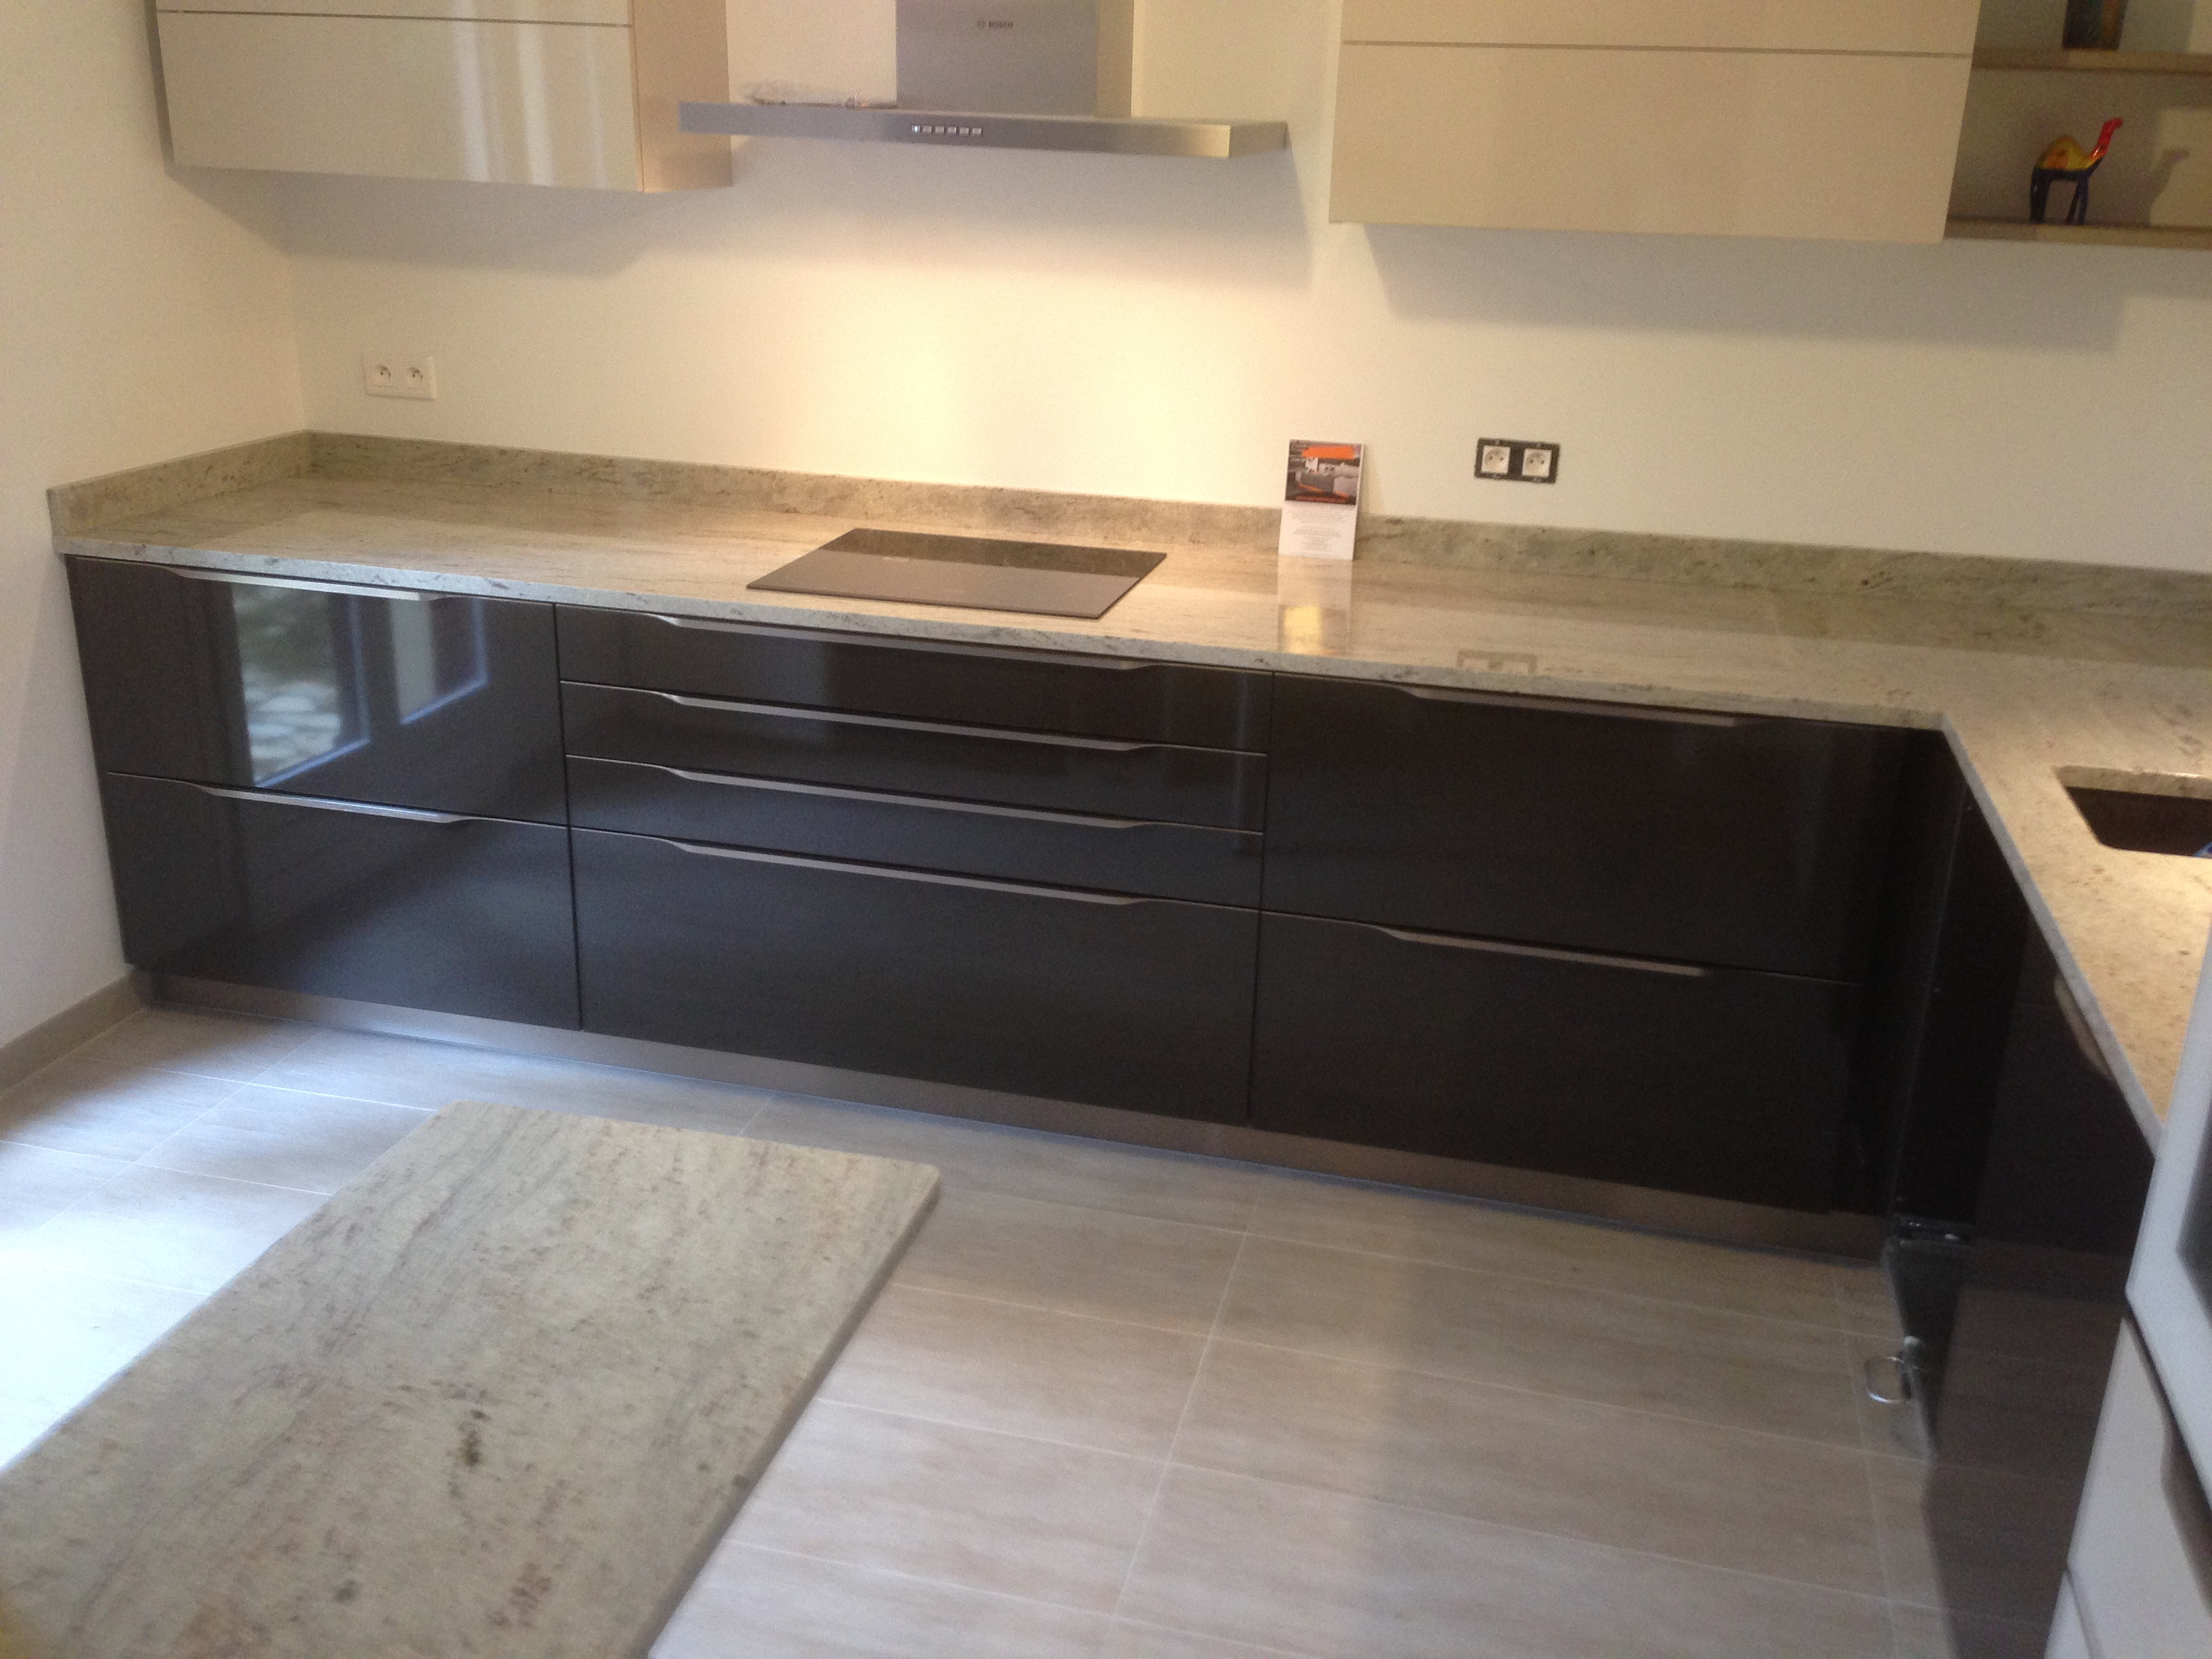 plan de travail granit quartz table en mabre paris essonne plans de travail en granit 91. Black Bedroom Furniture Sets. Home Design Ideas